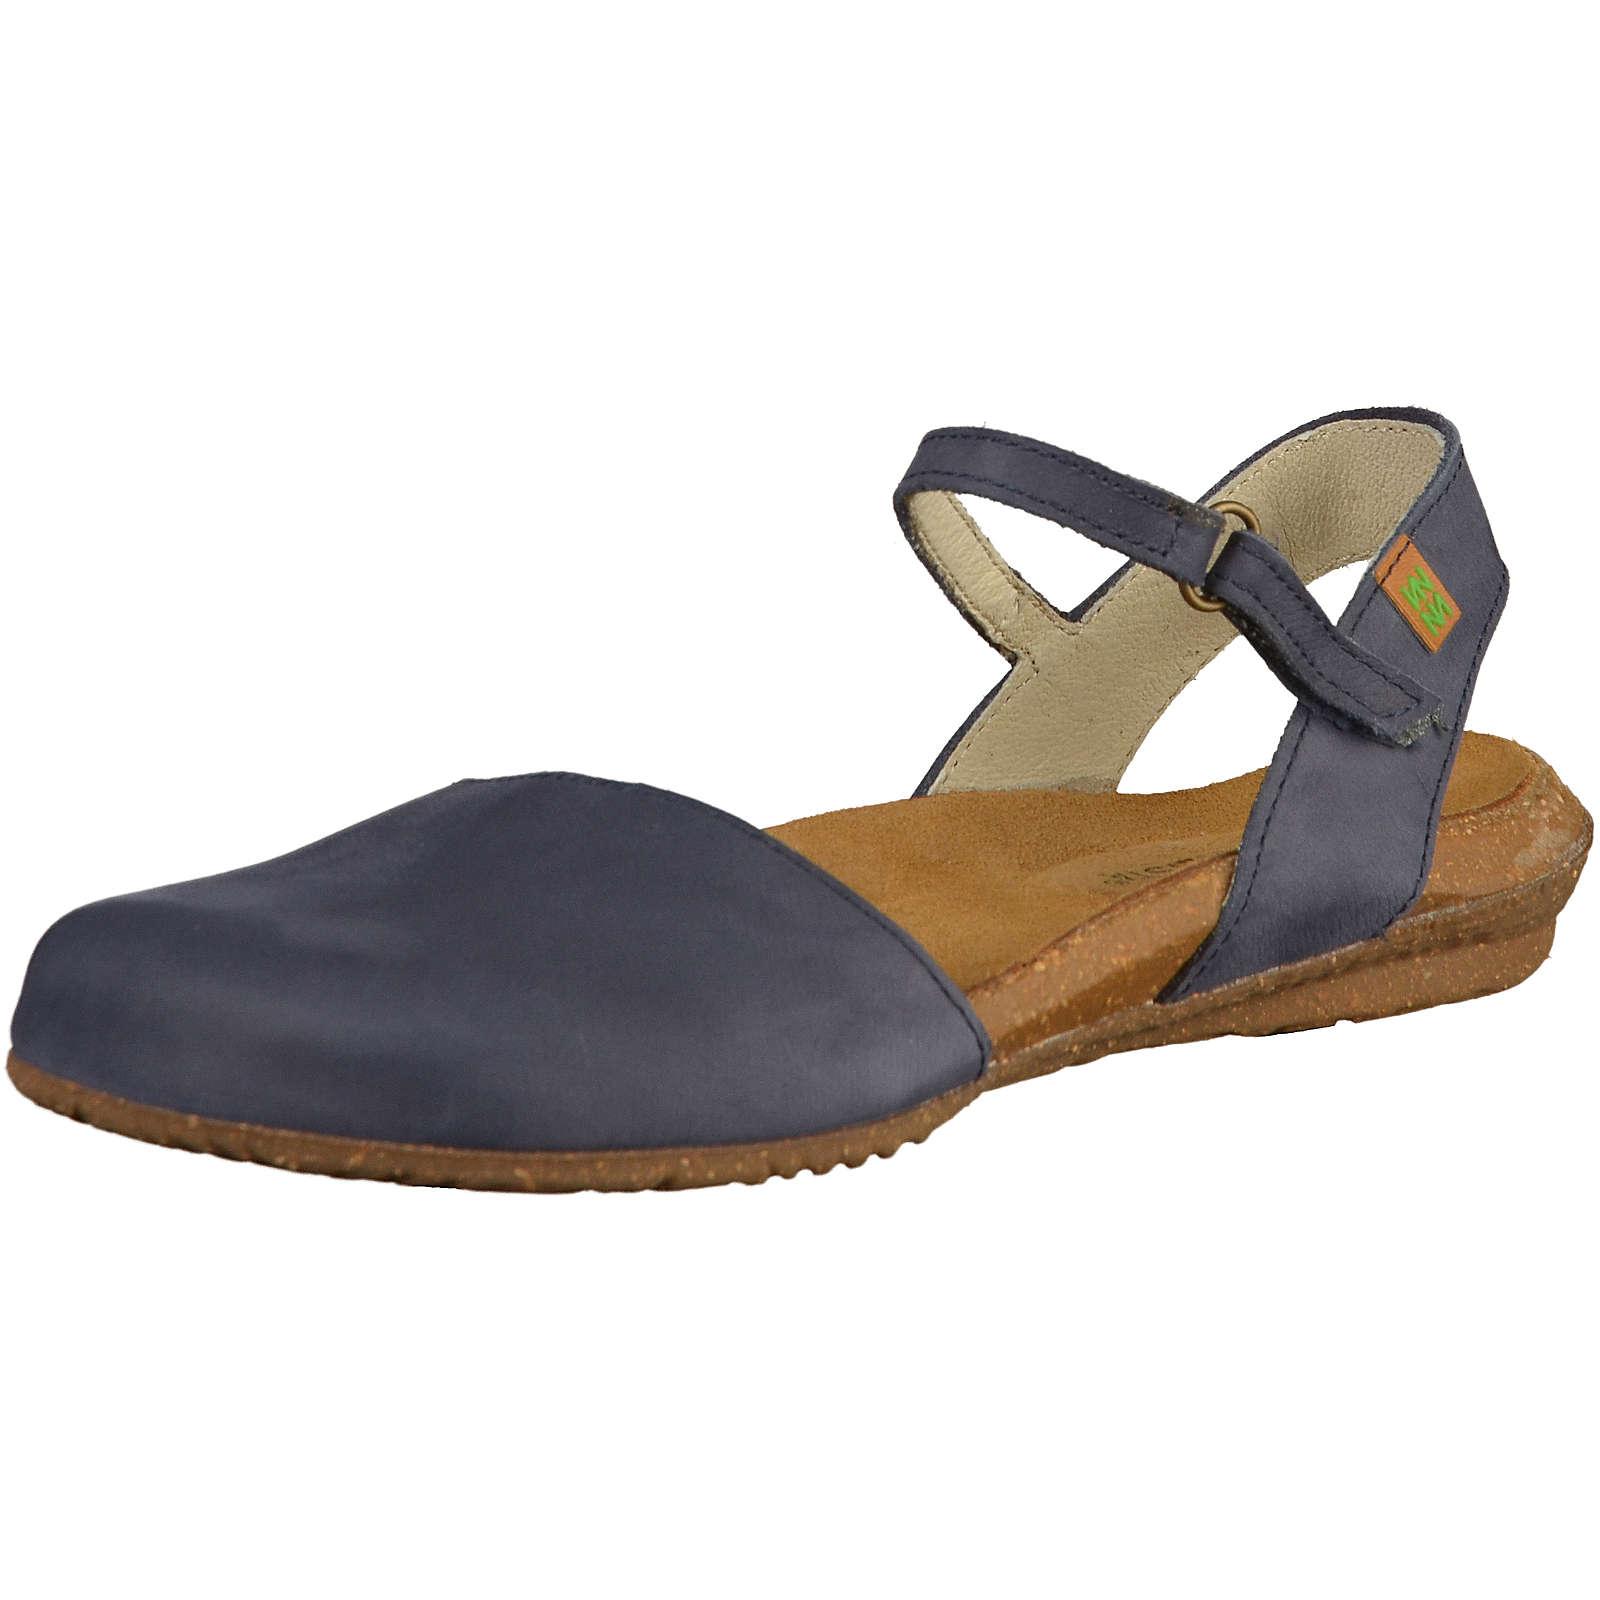 EL NATURALISTA WAKATAUA Klassische Sandalen dunkelblau Damen Gr. 37